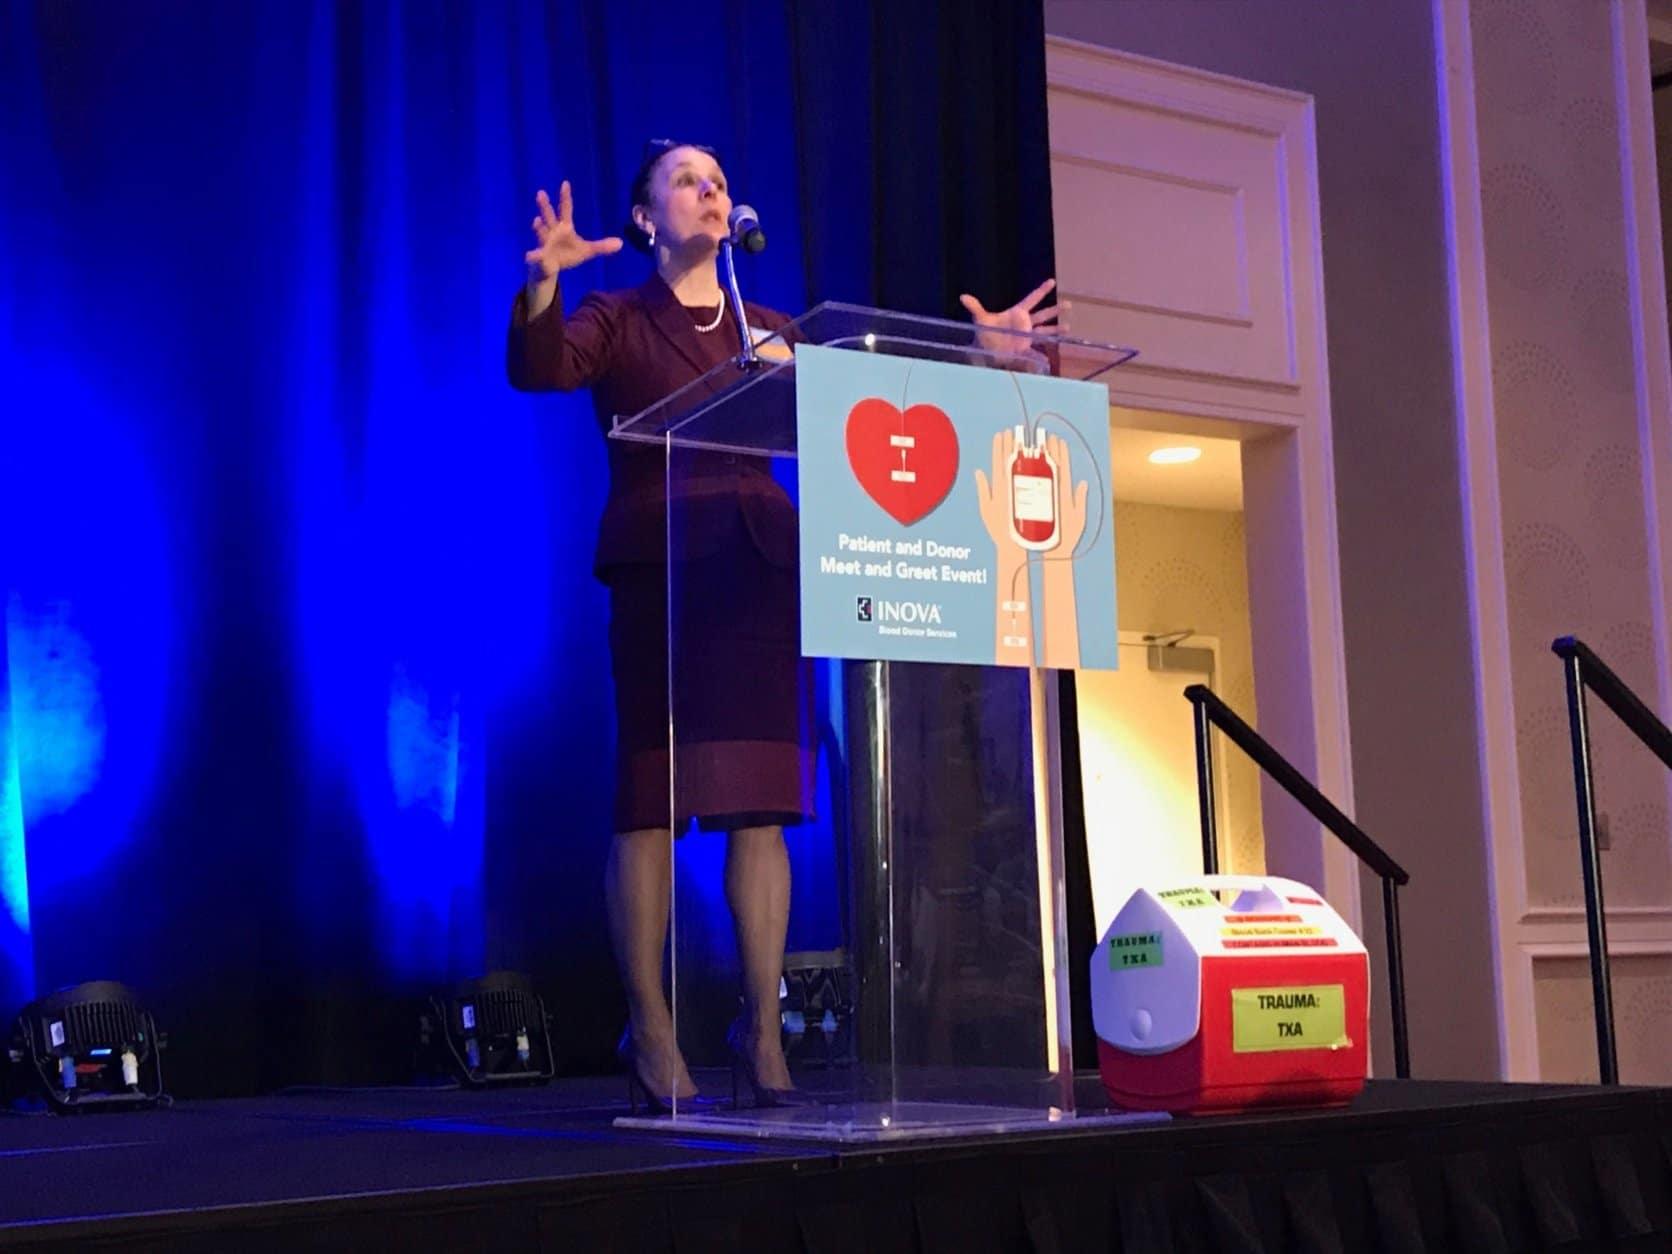 Dr. Anne Rizzo was the boy's surgeon at Inova Fairfax Hospital. (WTOP/Michelle Basch)